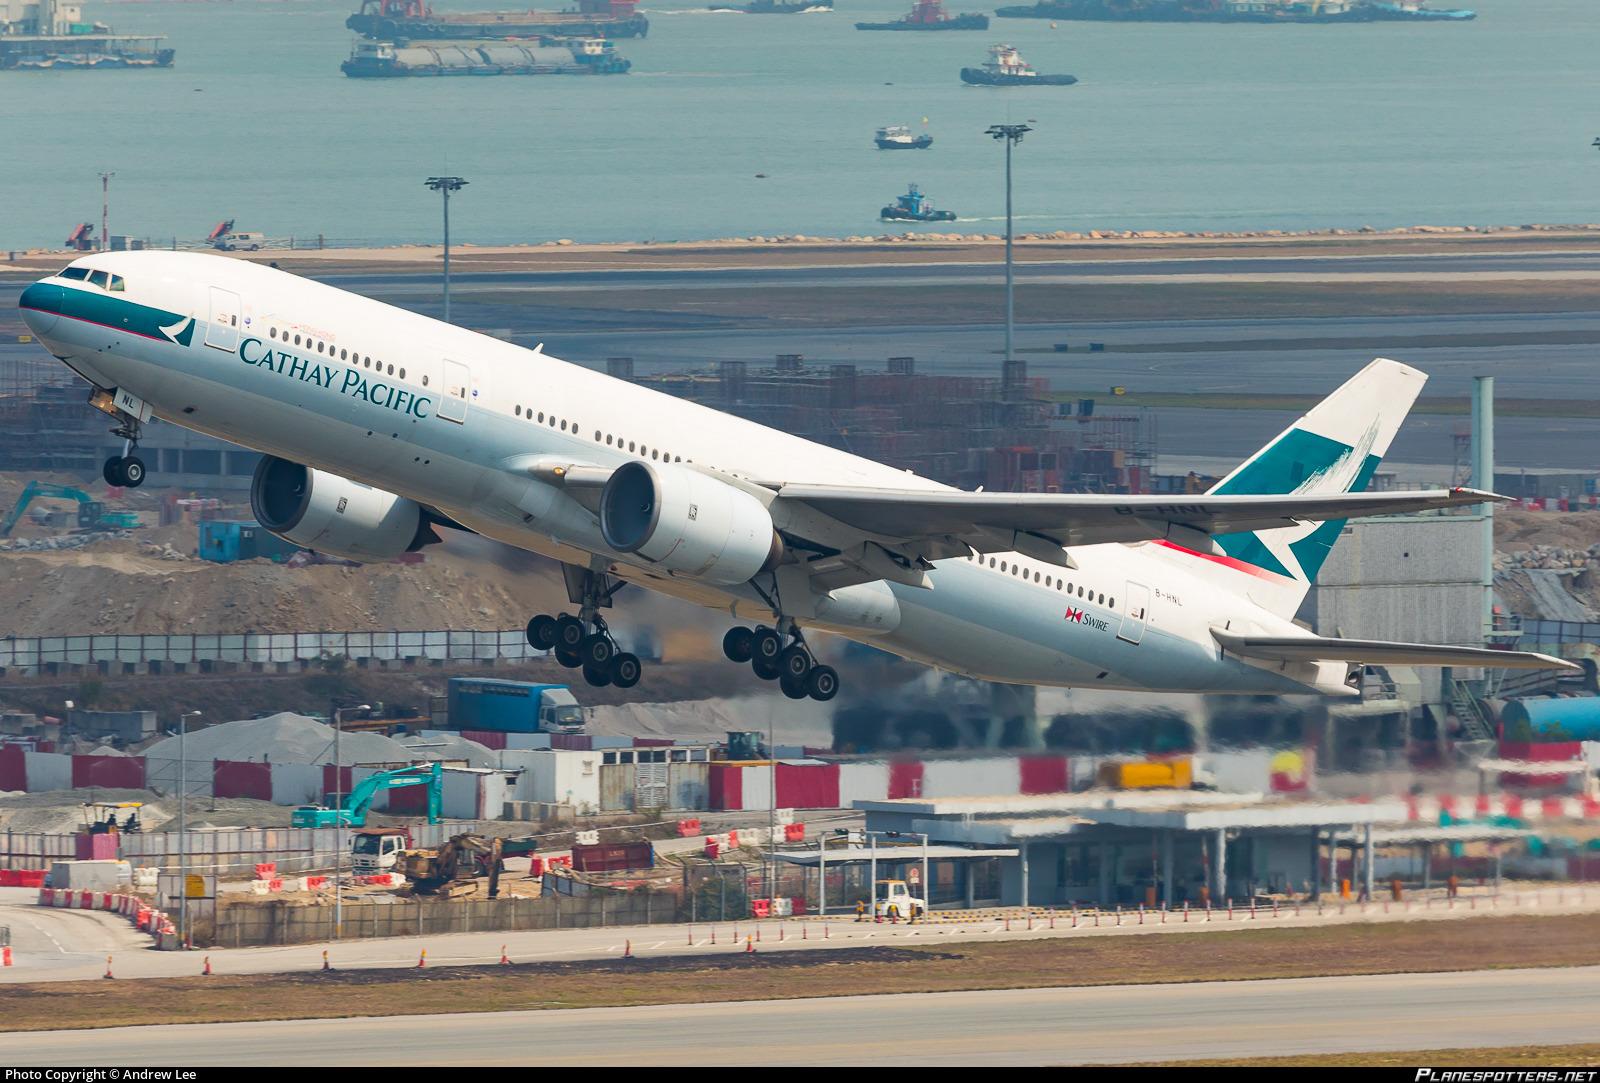 B Hnl Cathay Pacific Boeing 777 267 Photographed At Hong Kong Chek Lap Kok